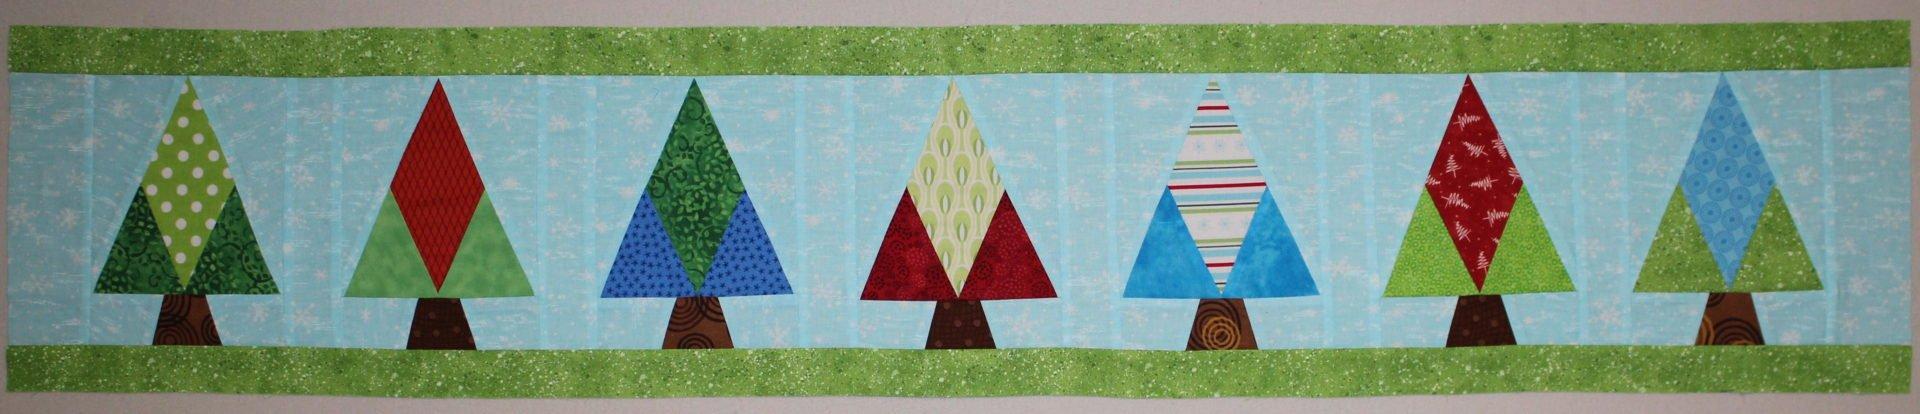 Round Robin Winter Wonderland with Dawn of Spring Water Design